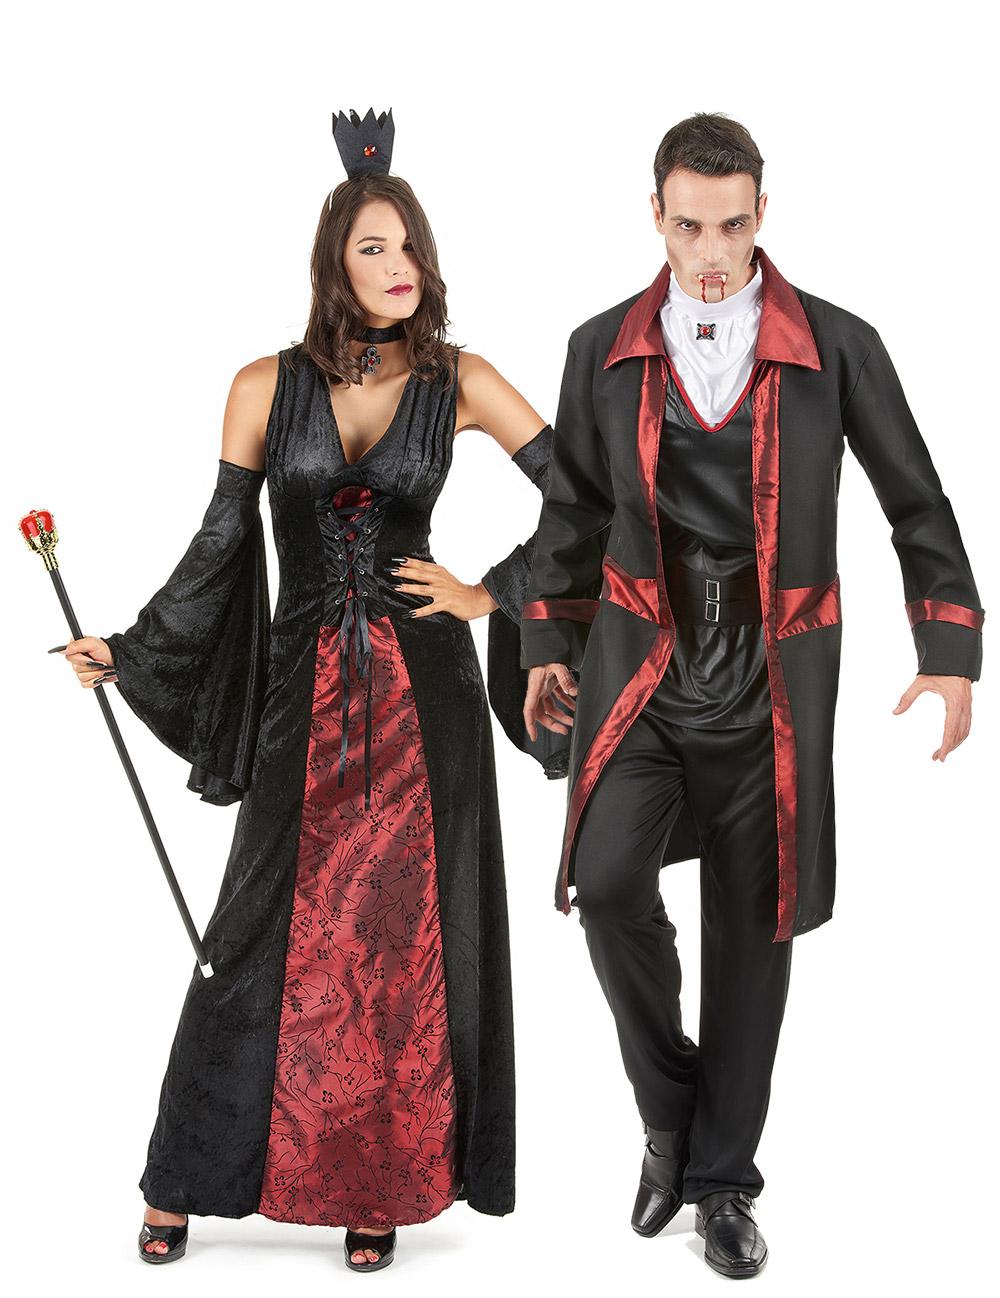 d guisement de couple vampire rouge et noir halloween deguise toi achat de d guisements couples. Black Bedroom Furniture Sets. Home Design Ideas